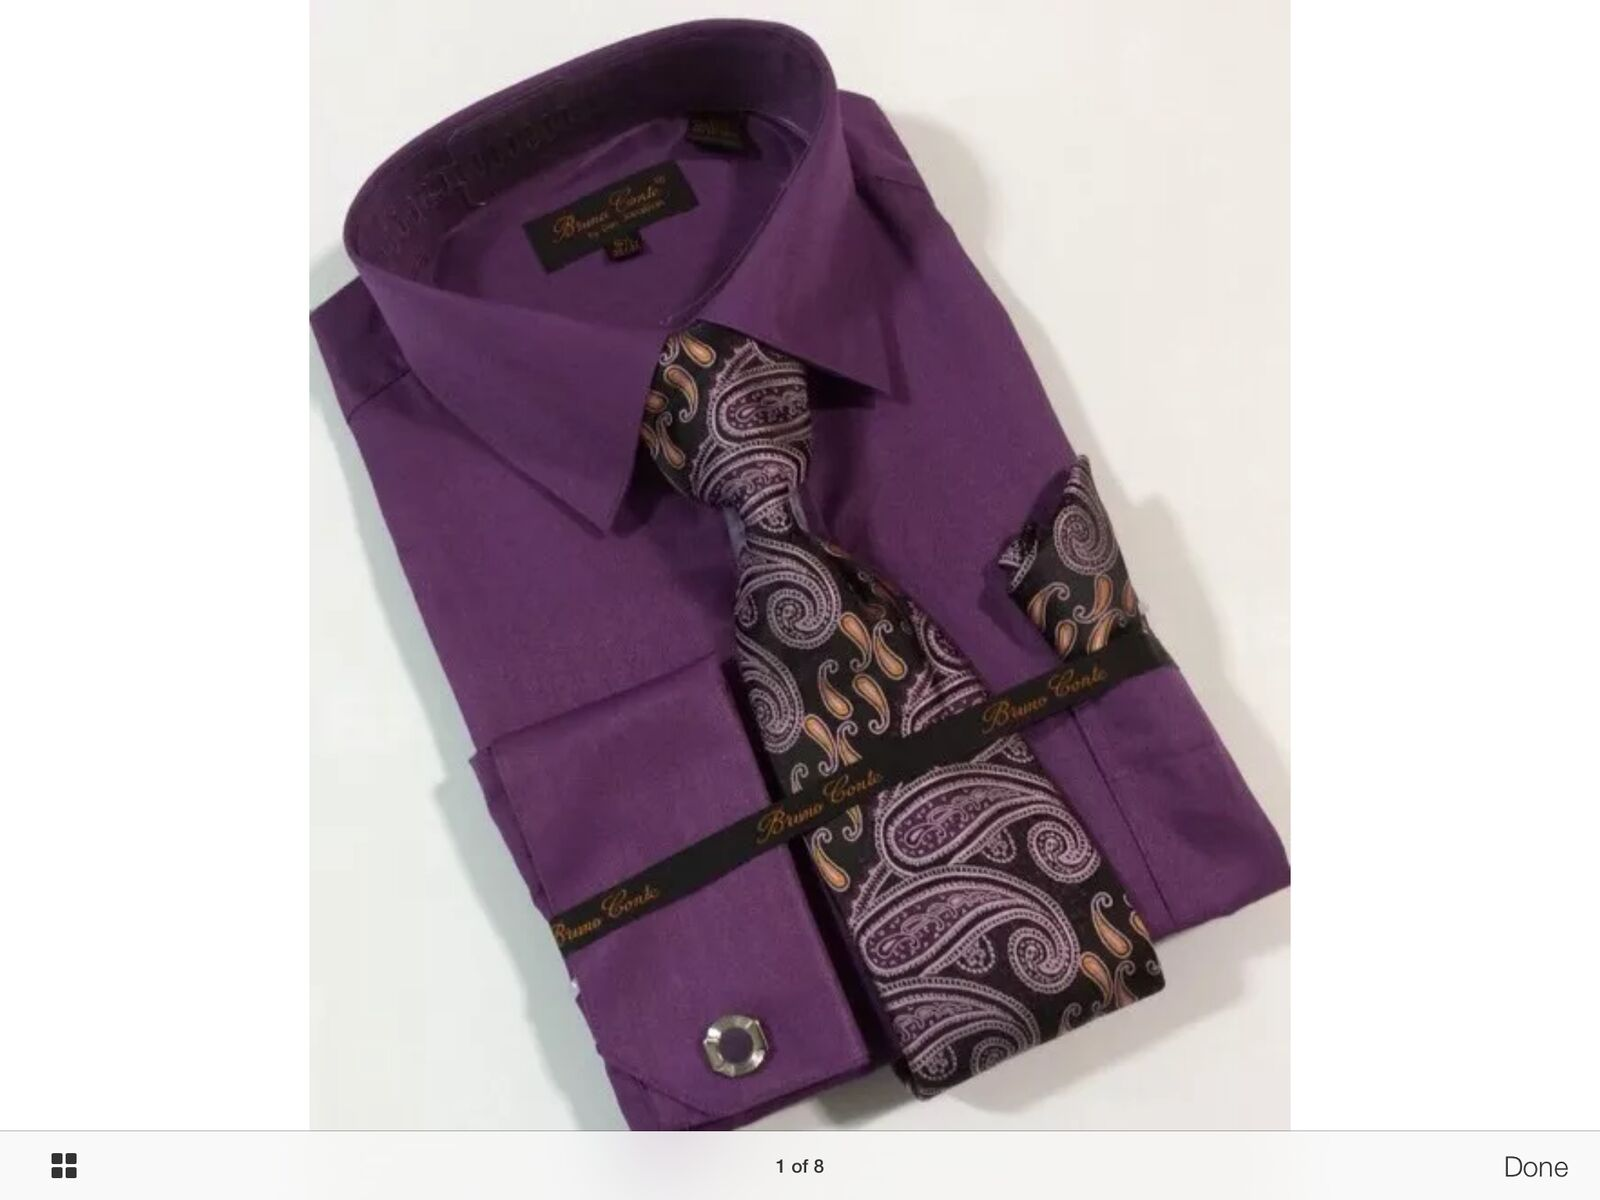 Bruno Conte Dress Shirt Combo with Tie,Hanky Cufflinks,Plum Herring Bone,New